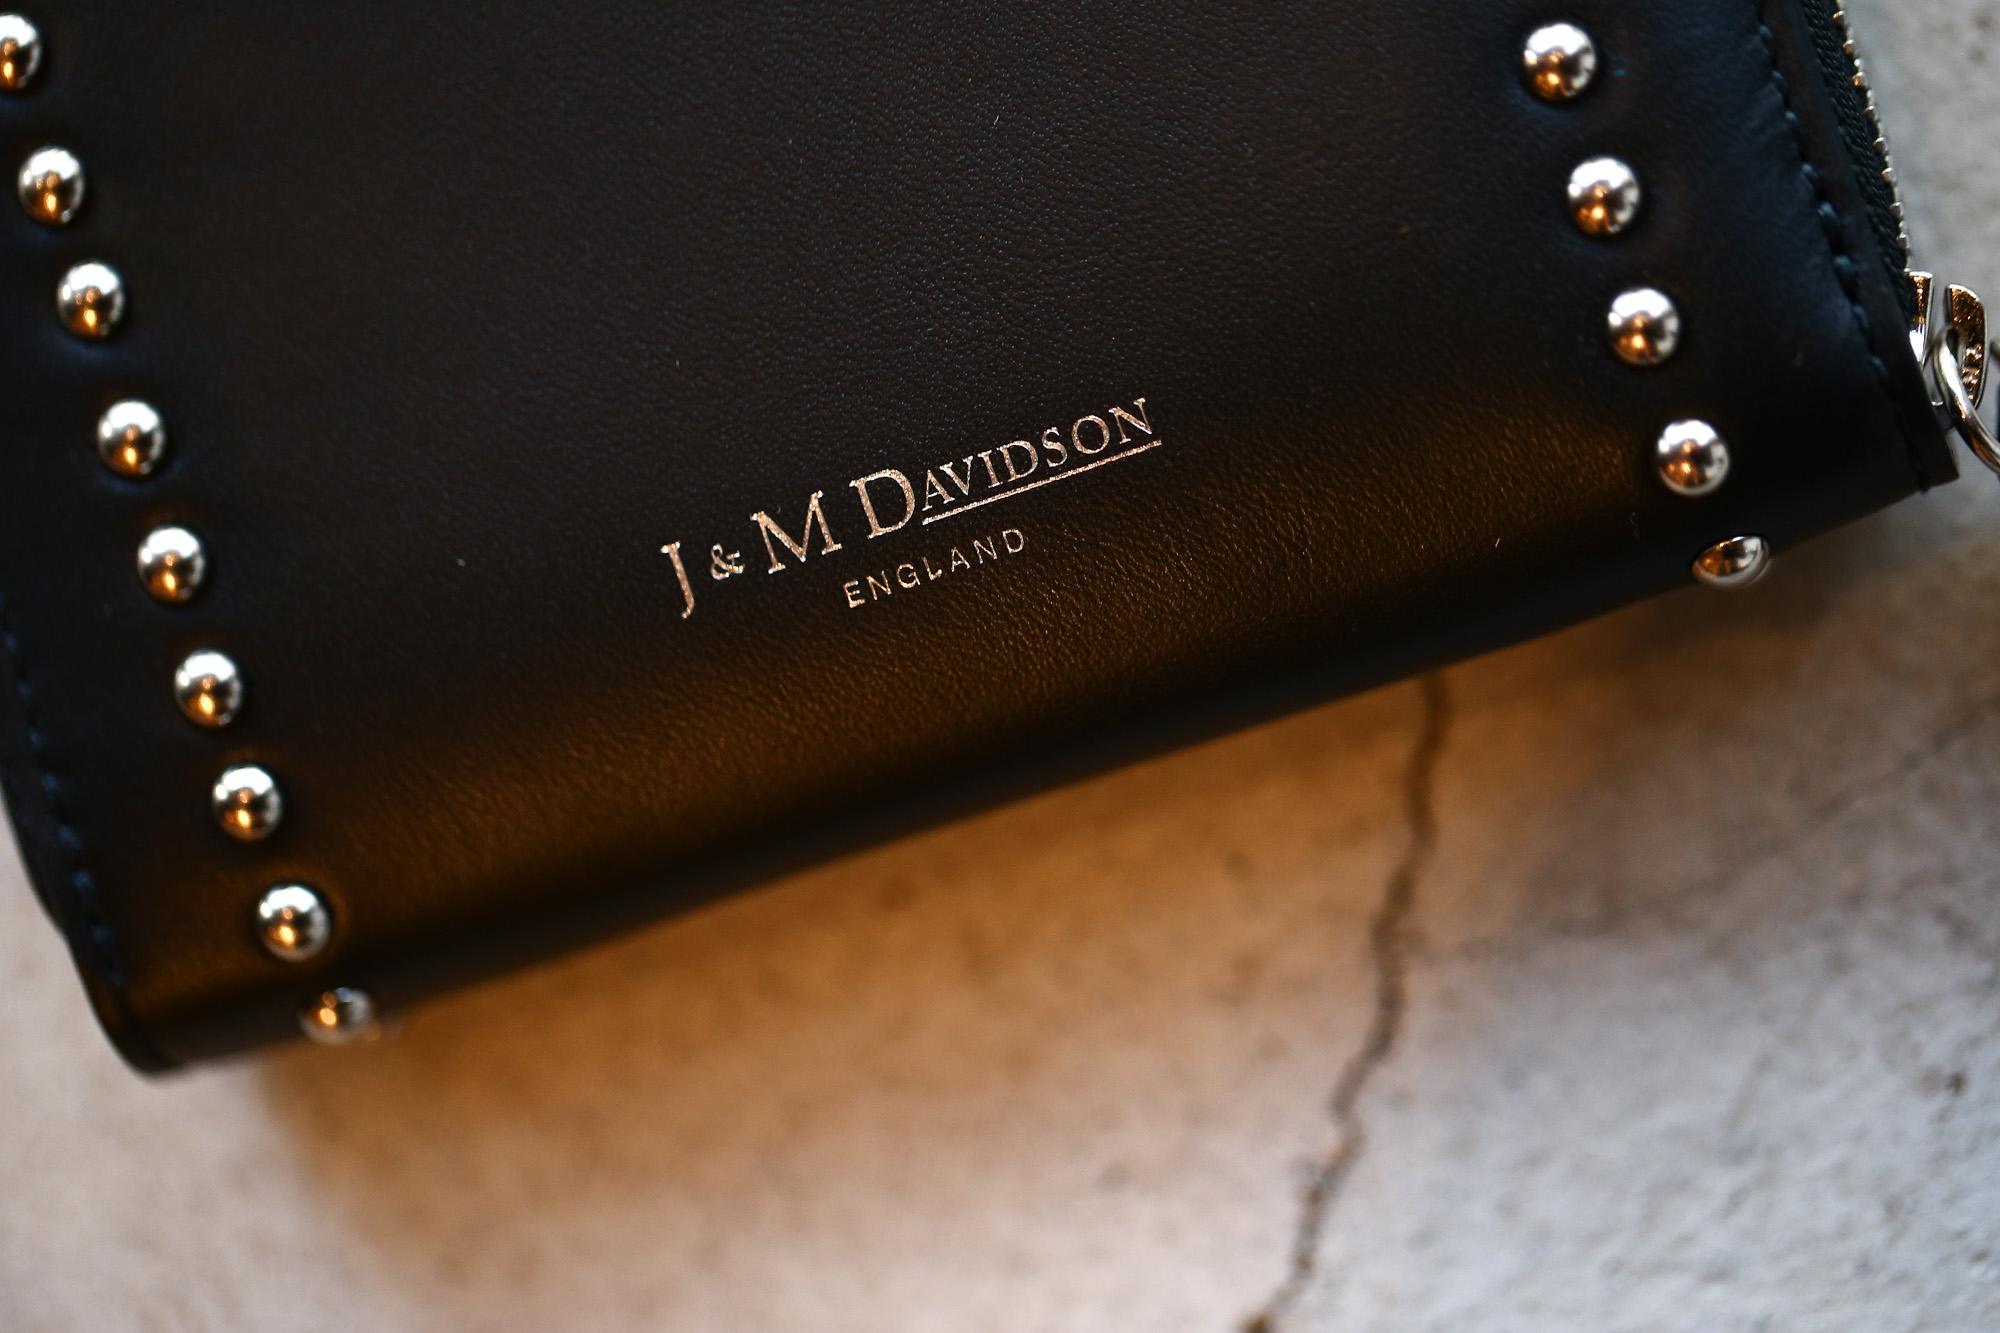 J&M DAVIDSON (ジェイアンドエムデヴィッドソン) JET SET COLLECTION (ジェットセット コレクション) SMALL ZIP PURSE WITH STUDS (スモール ジップ パース ウィズ スタッズ) 10131N CALF LEATHER (カーフレザー) 折財布 ショートウォレット BLACK (ブラック・999) Made in spain (スペイン製) 2017 秋冬新作 jmdavidson 愛知 名古屋 Alto e Diritto アルト エ デリット